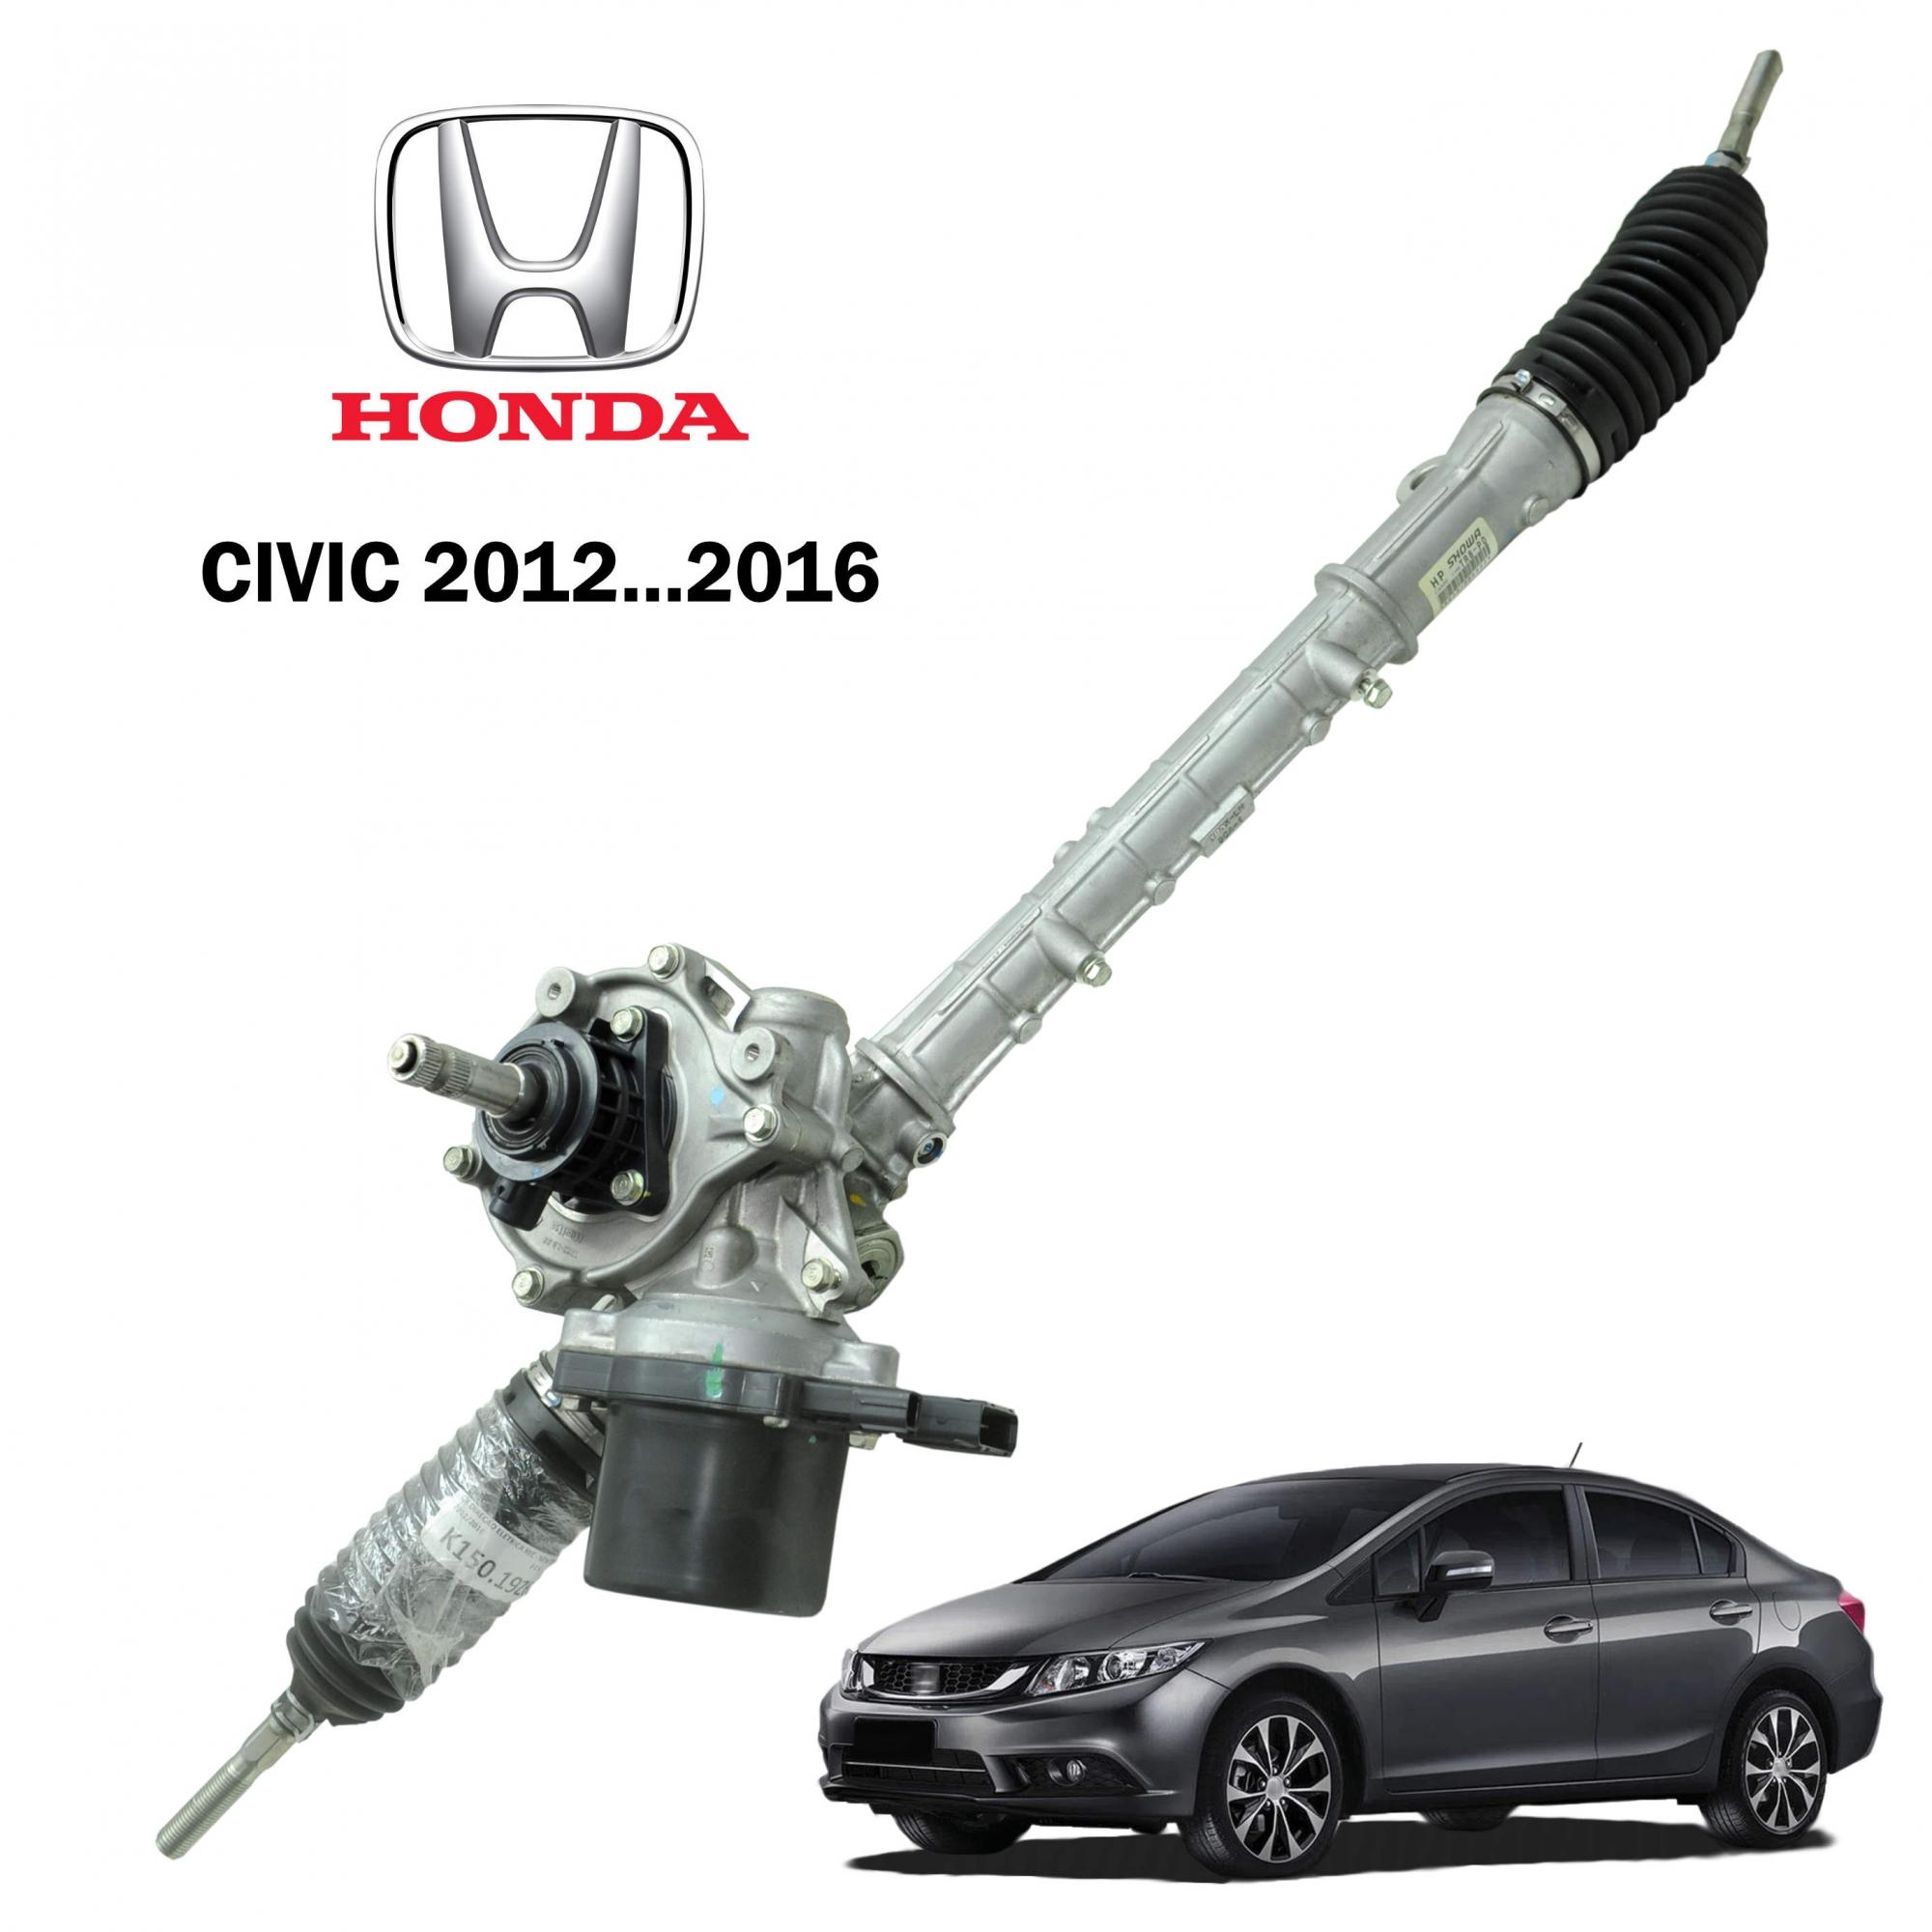 Caixa Direção Elétrica Honda Civic 2012...2016